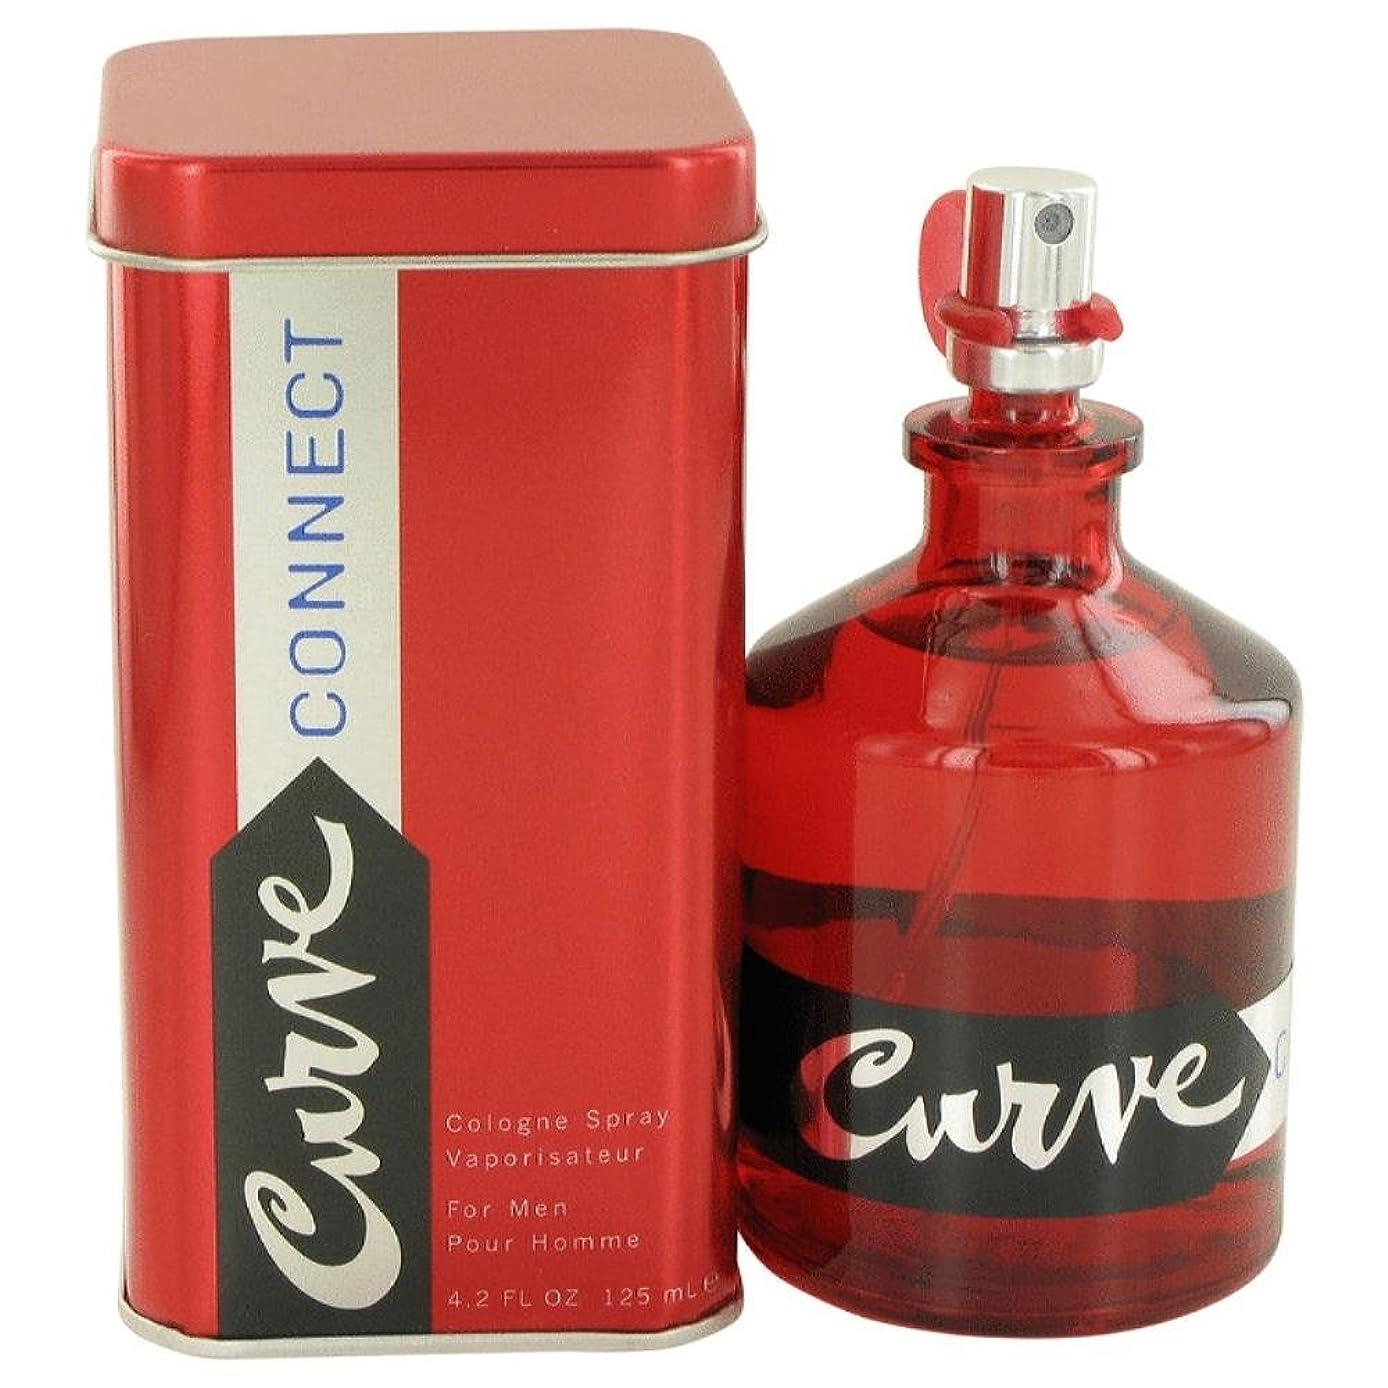 抵当パブおばさんLiz Claiborne Curve Connect for Men 125ml/4.2oz Eau De Cologne Spray Fragrance